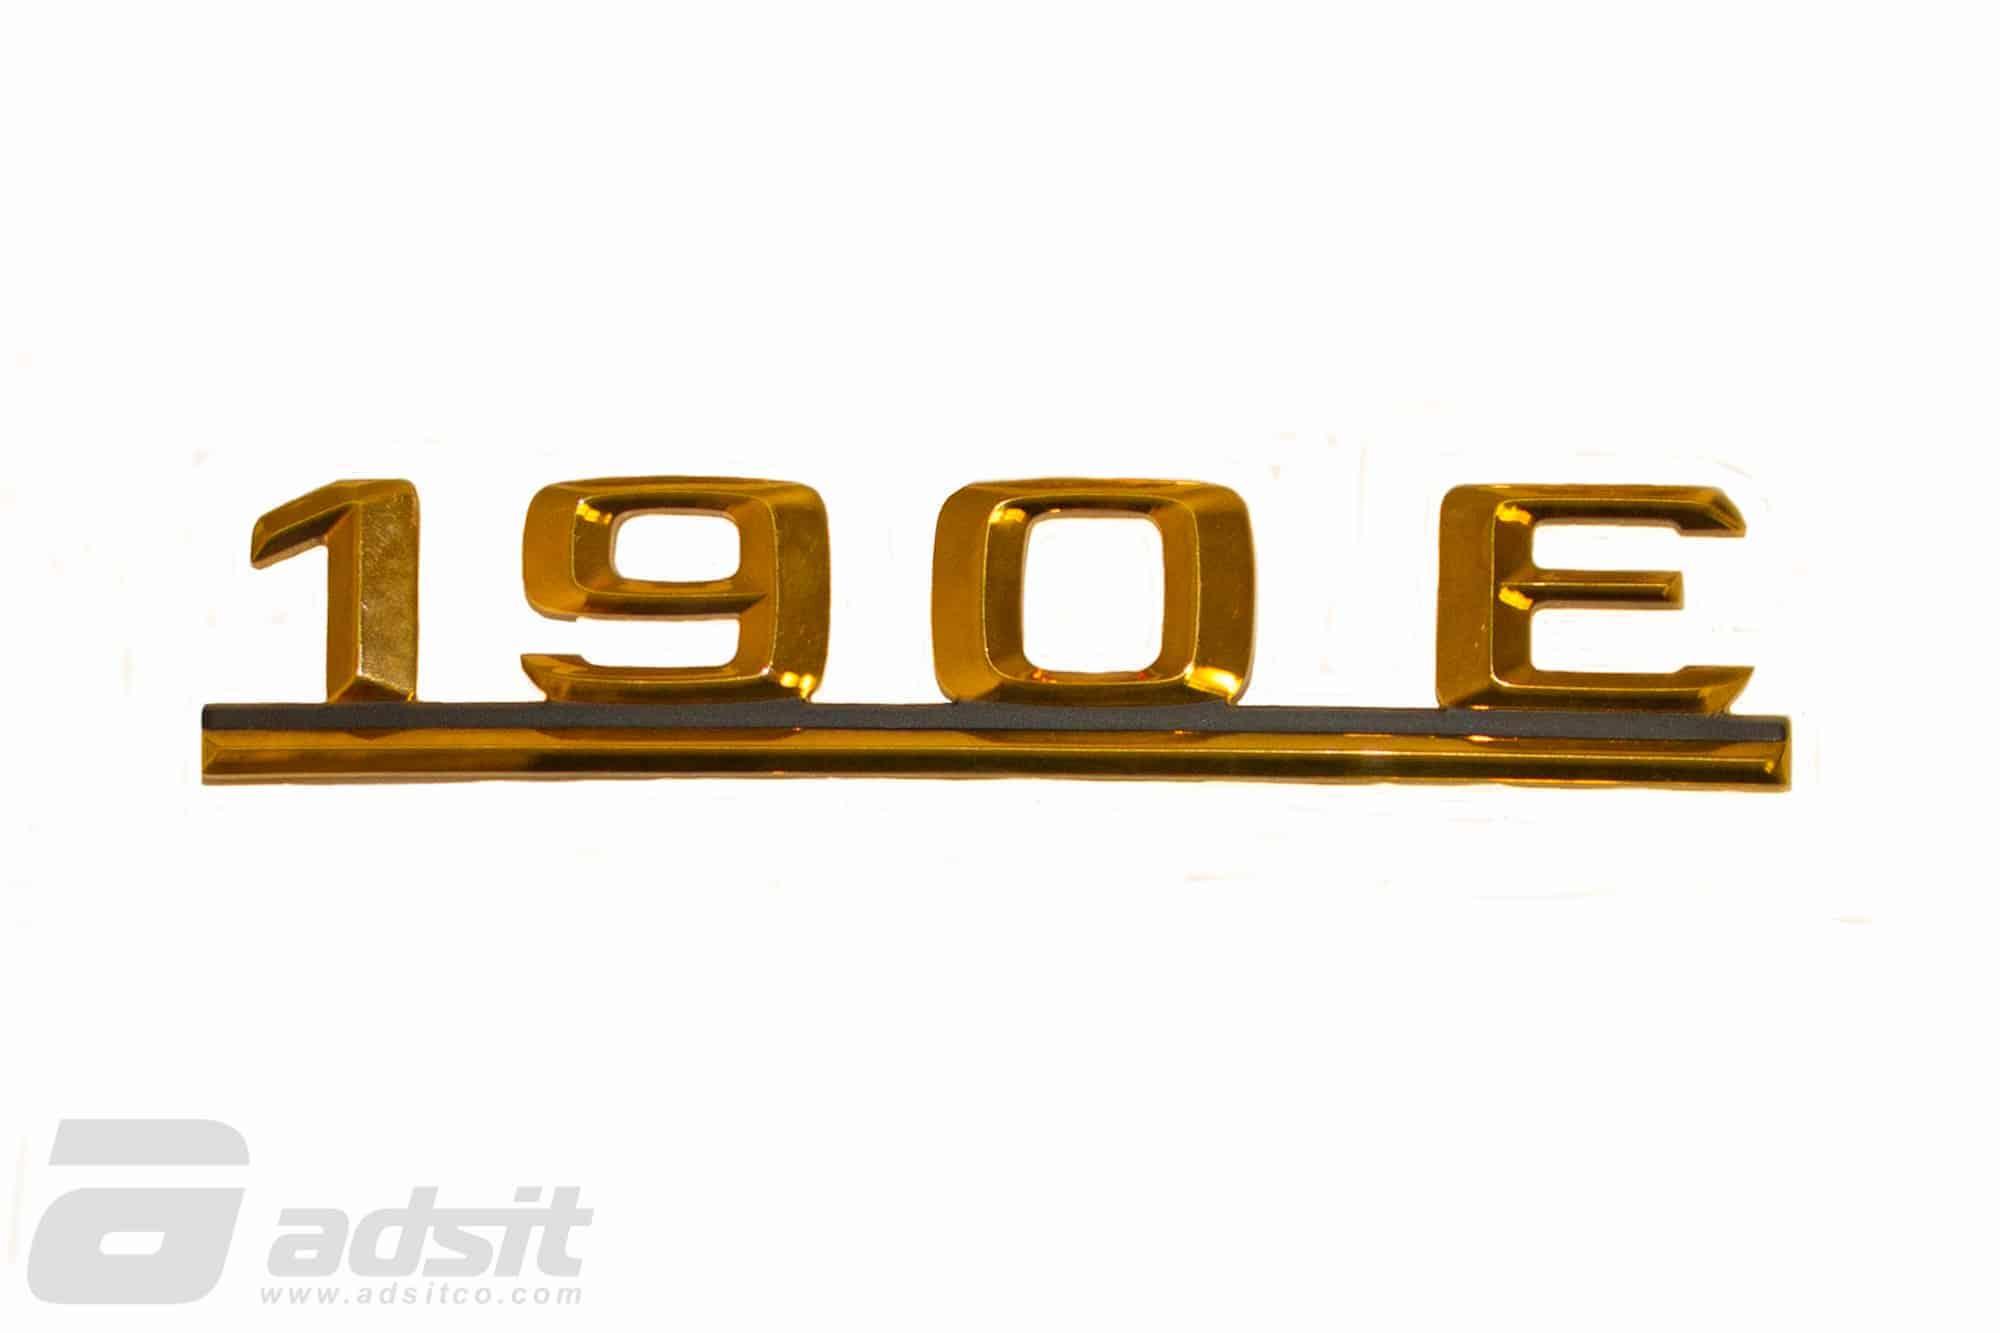 190E GOLD EMBLEM